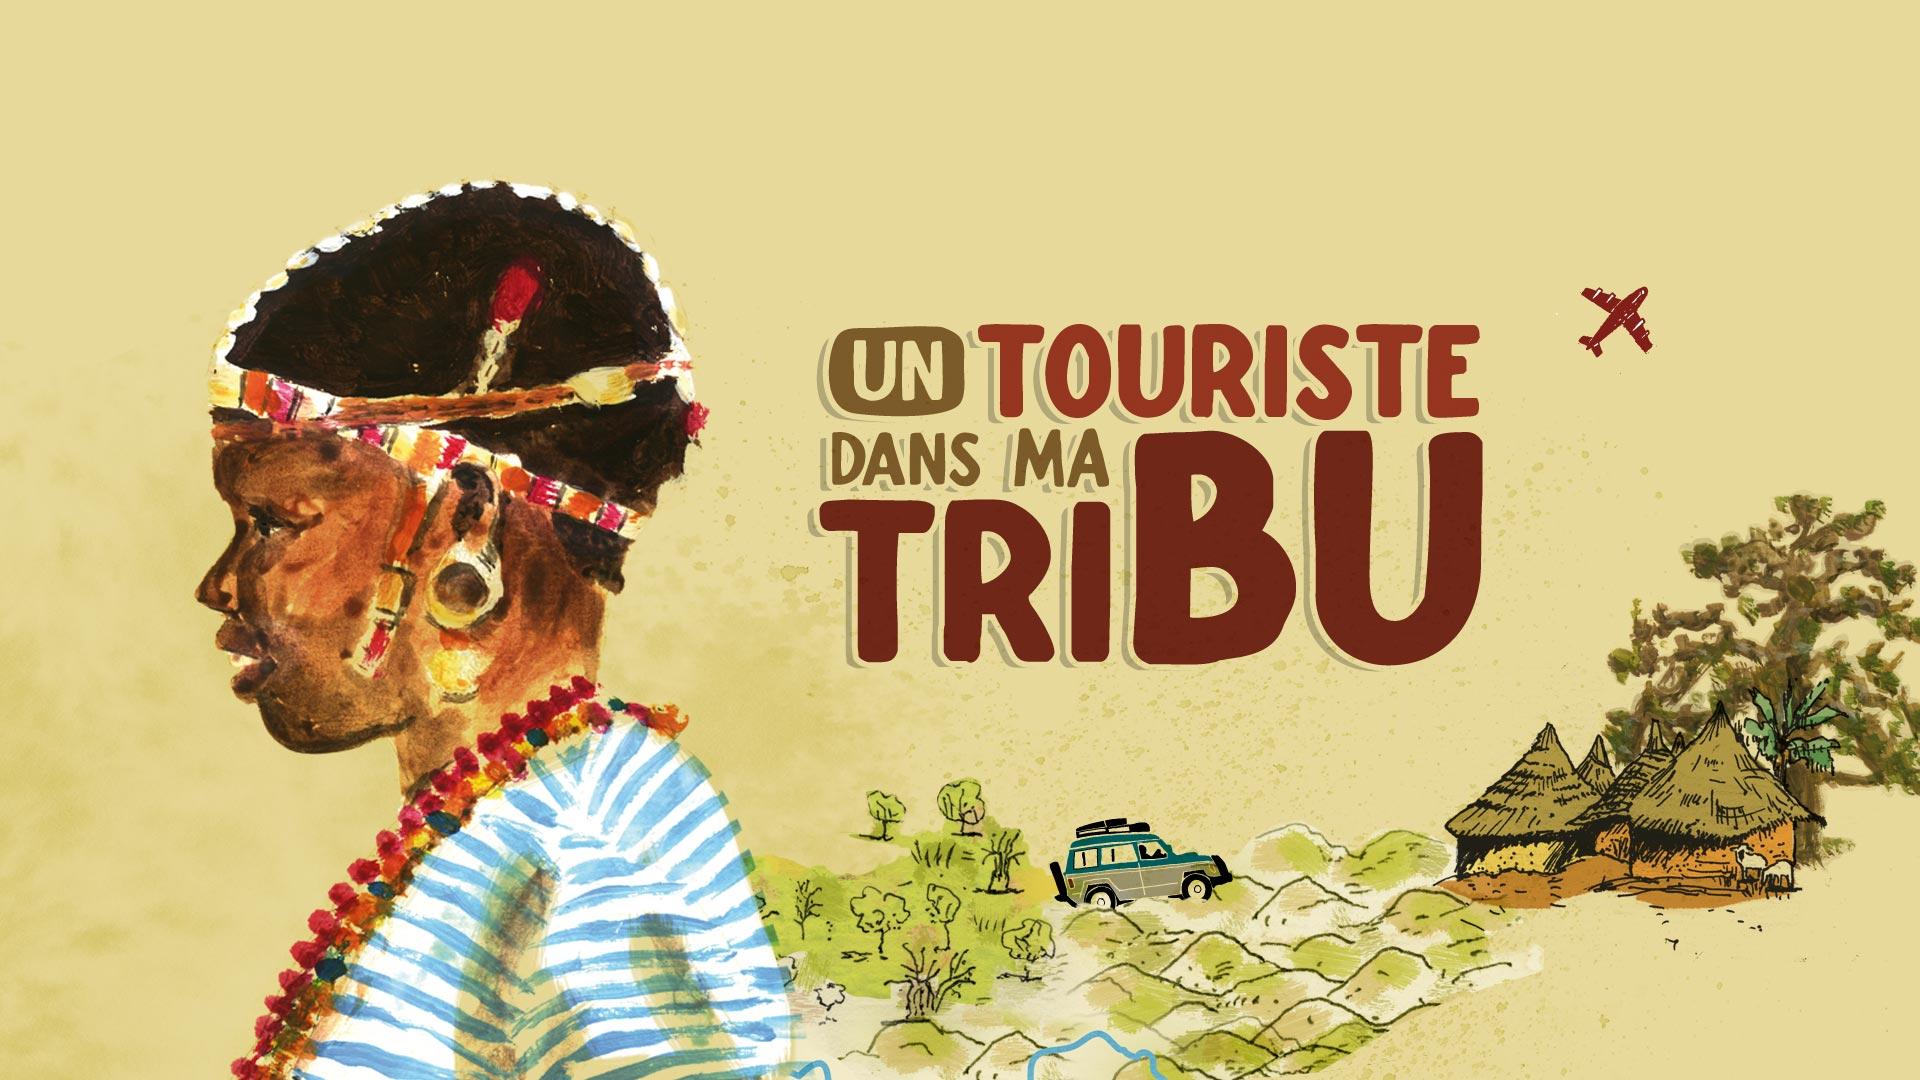 touriste-tribu